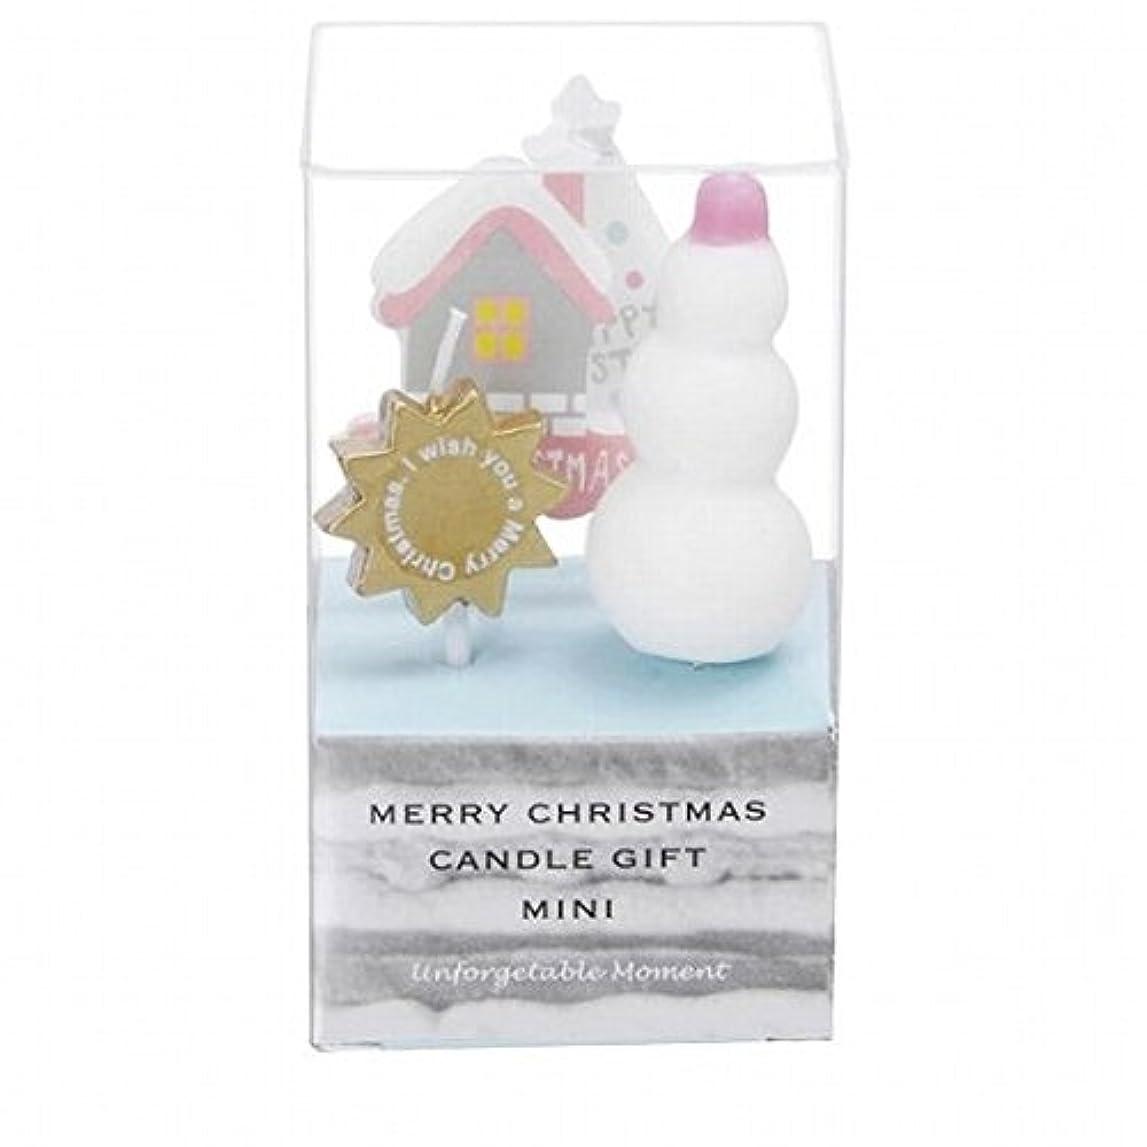 テレビ局むき出しメロディーkameyama candle(カメヤマキャンドル) クリスマスキャンドルギフトミニ 「 B 」(55350050)